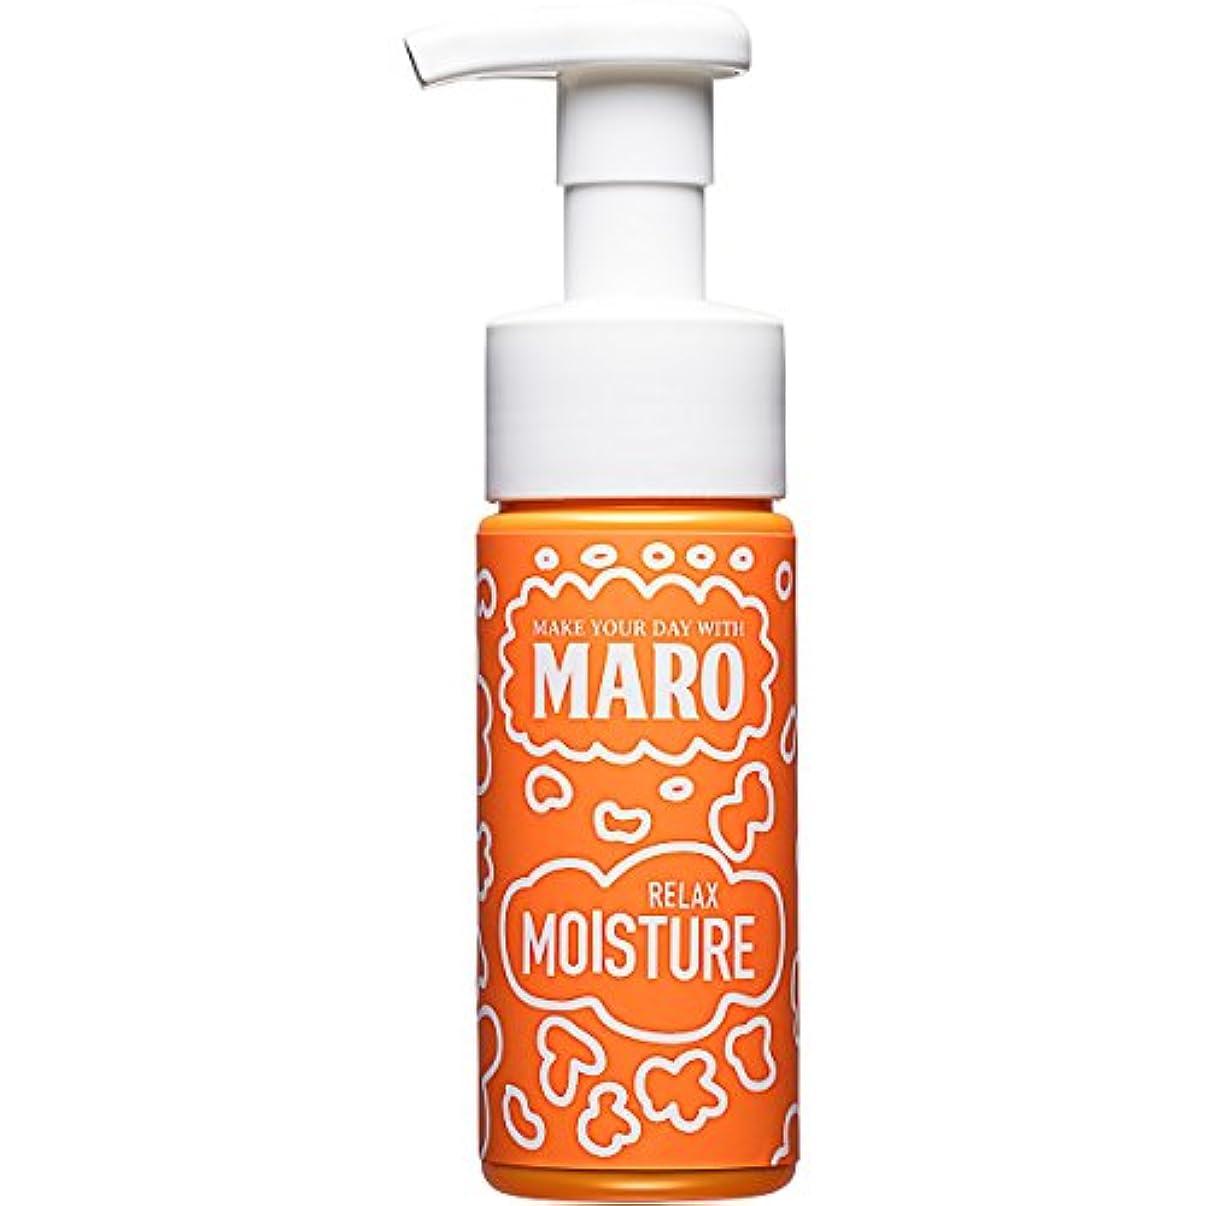 速いパイル階段MARO グルーヴィー 泡洗顔 リラックスモイスチャー 150ml